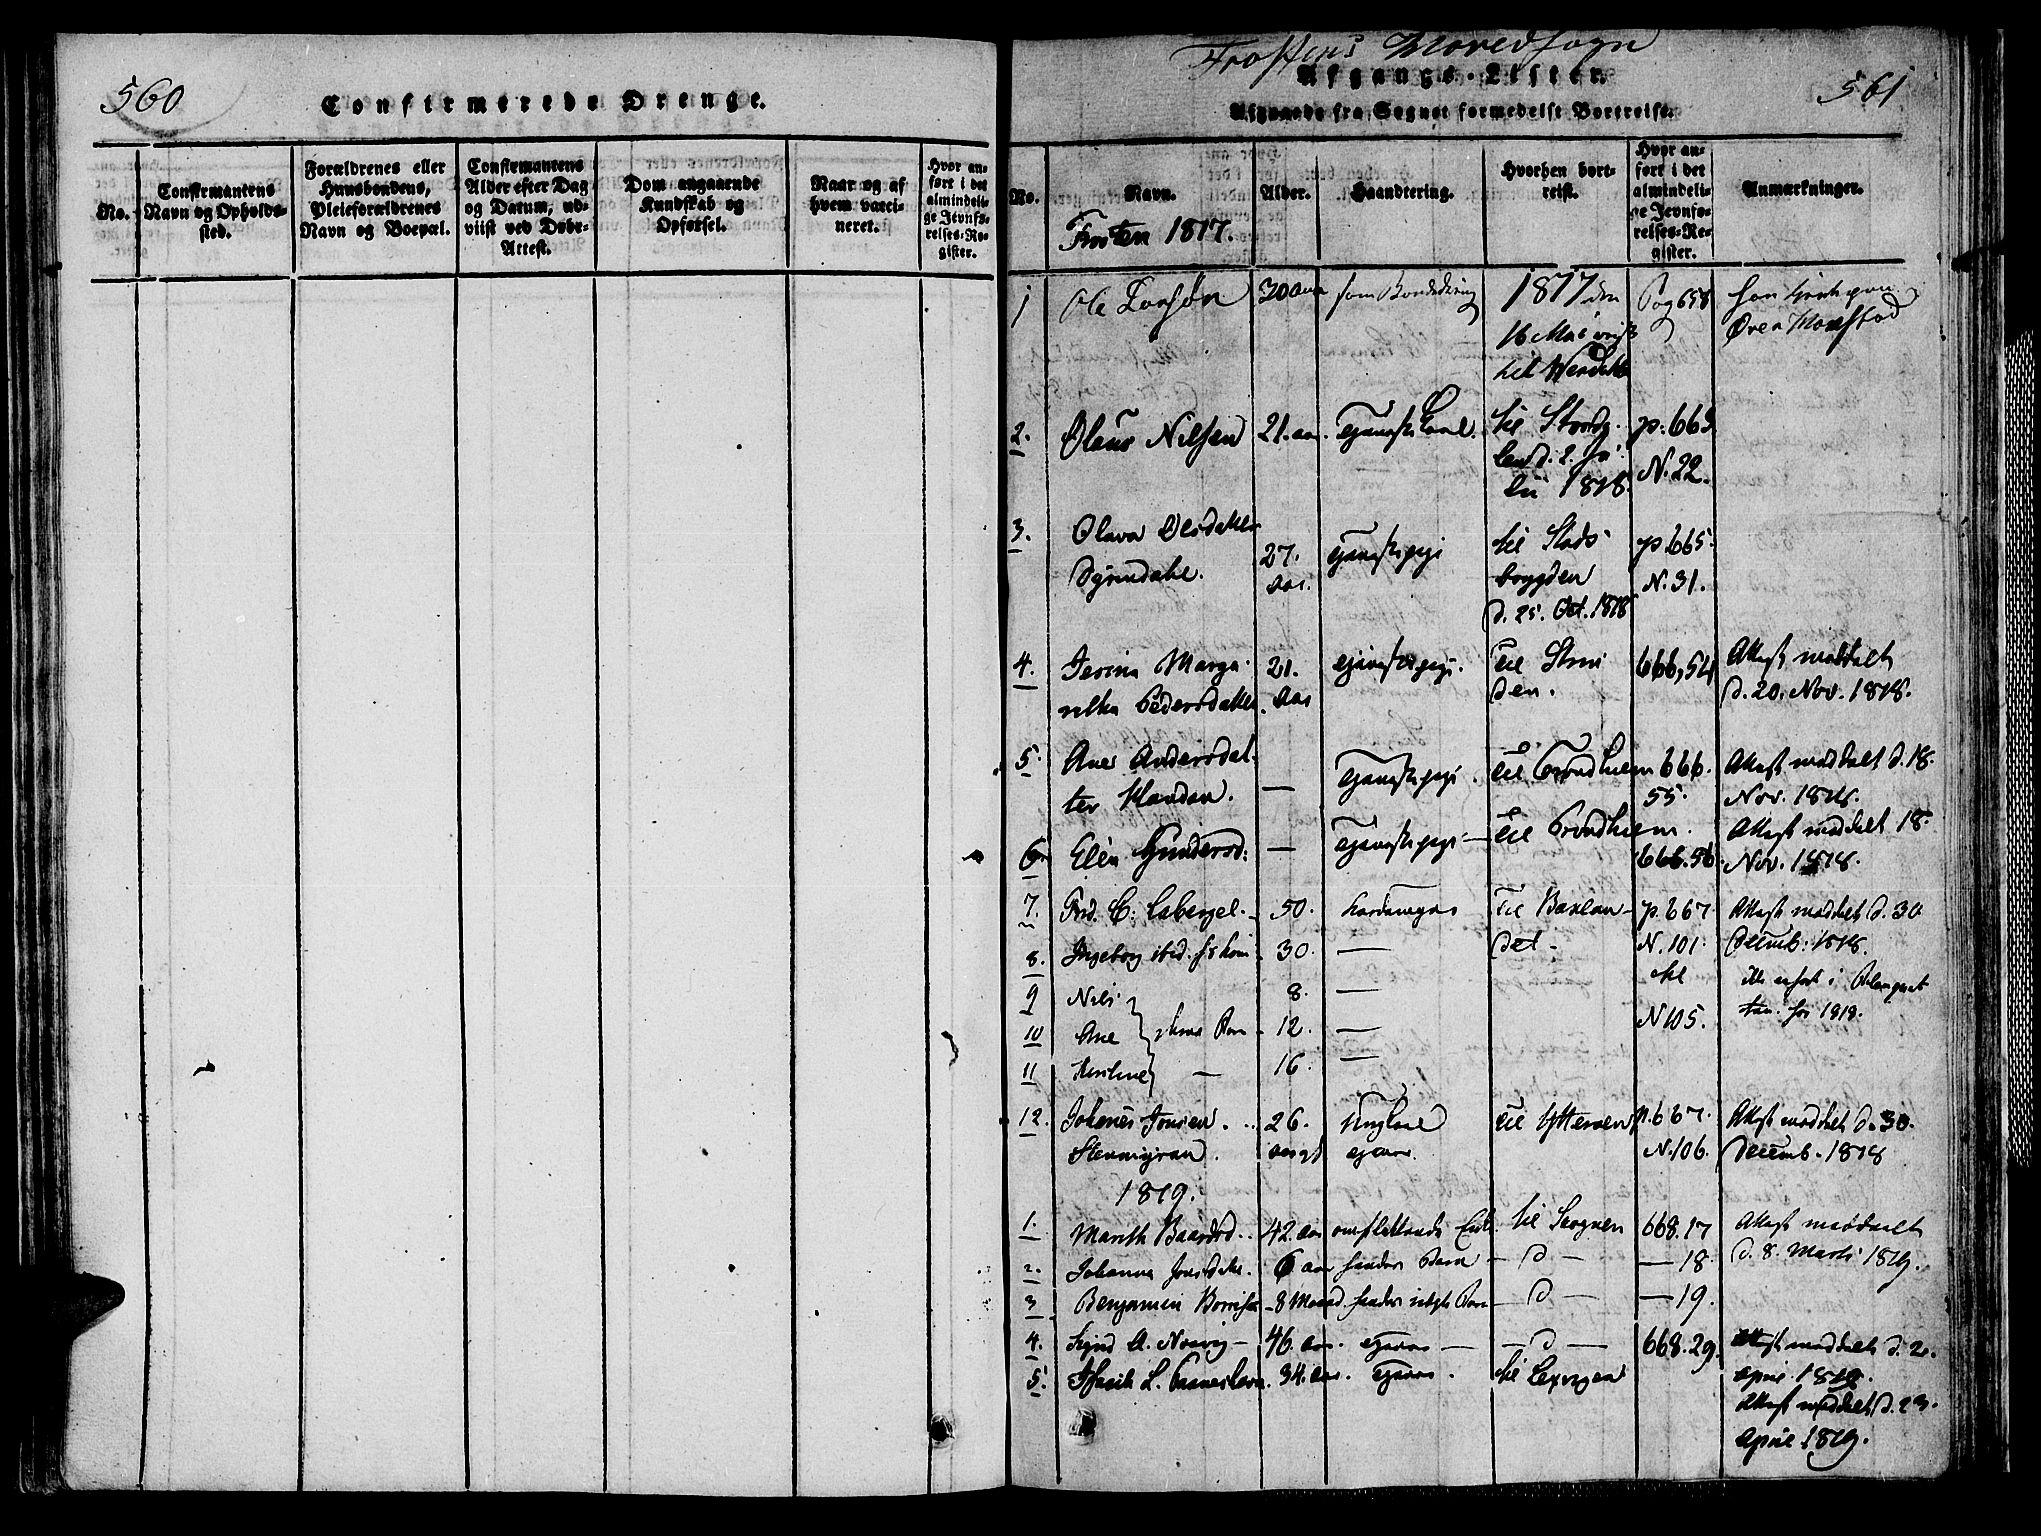 SAT, Ministerialprotokoller, klokkerbøker og fødselsregistre - Nord-Trøndelag, 713/L0112: Ministerialbok nr. 713A04 /1, 1817-1827, s. 560-561